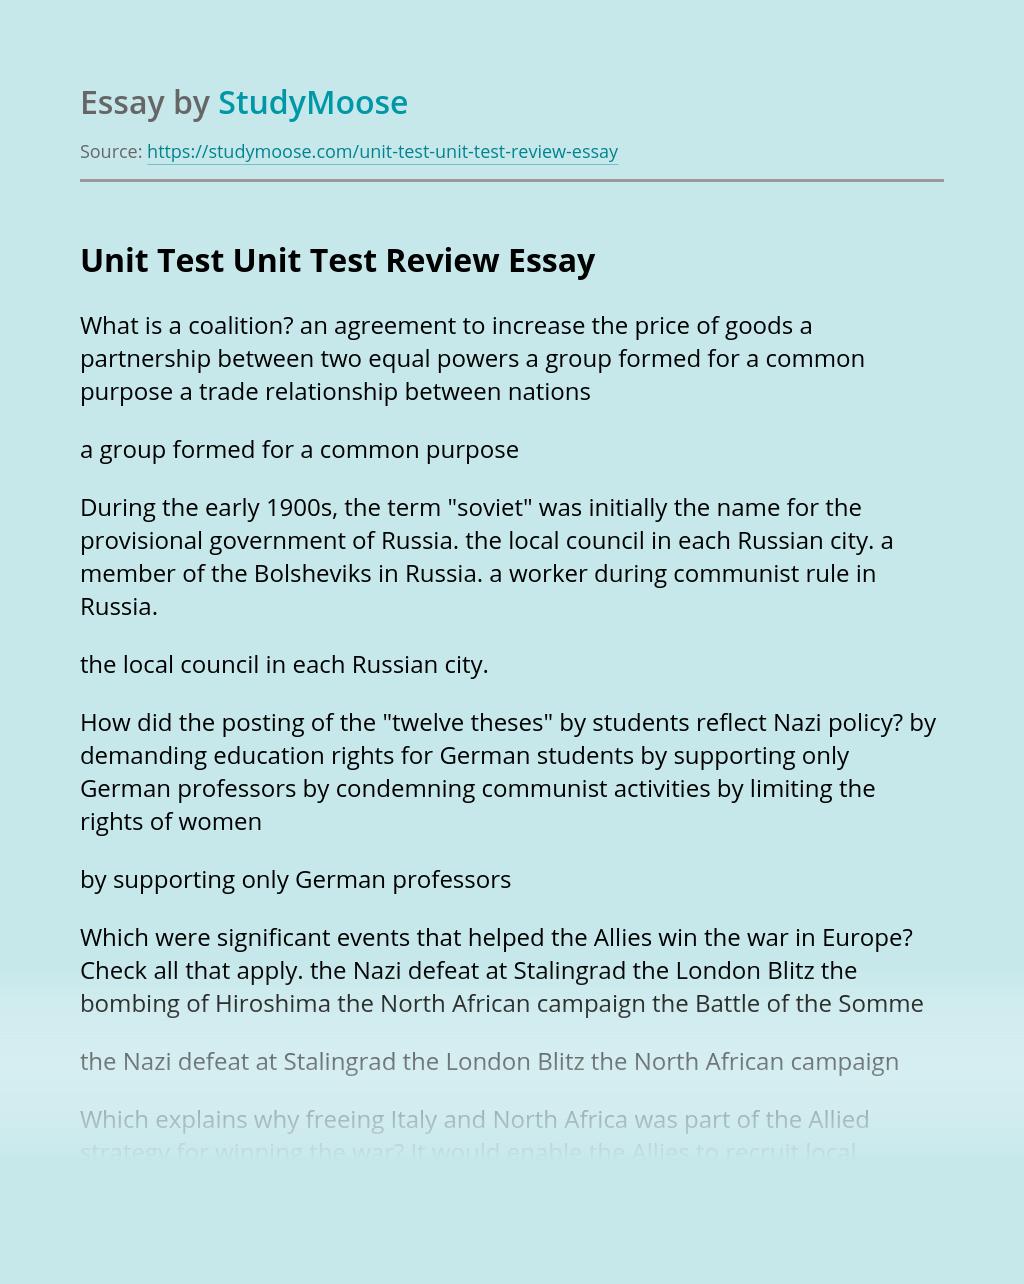 Unit Test Unit Test Review